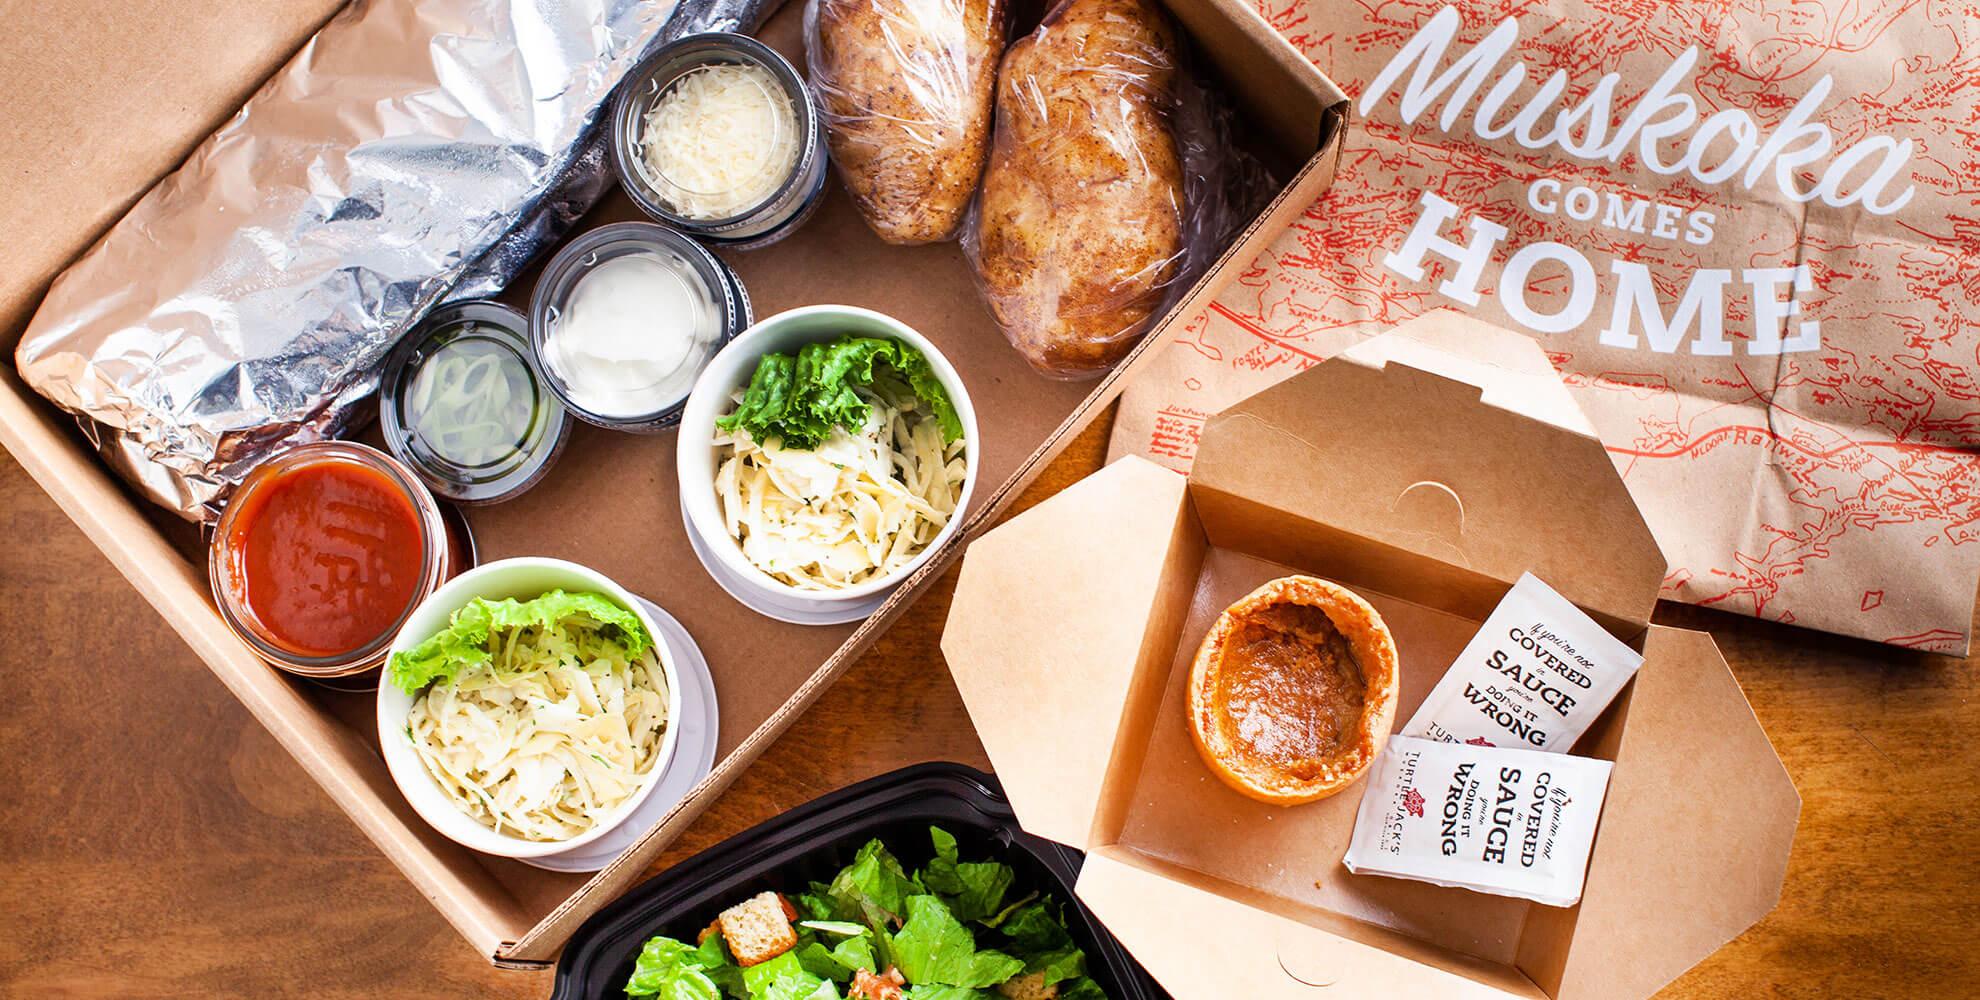 Turtle Jacks Meal Kits